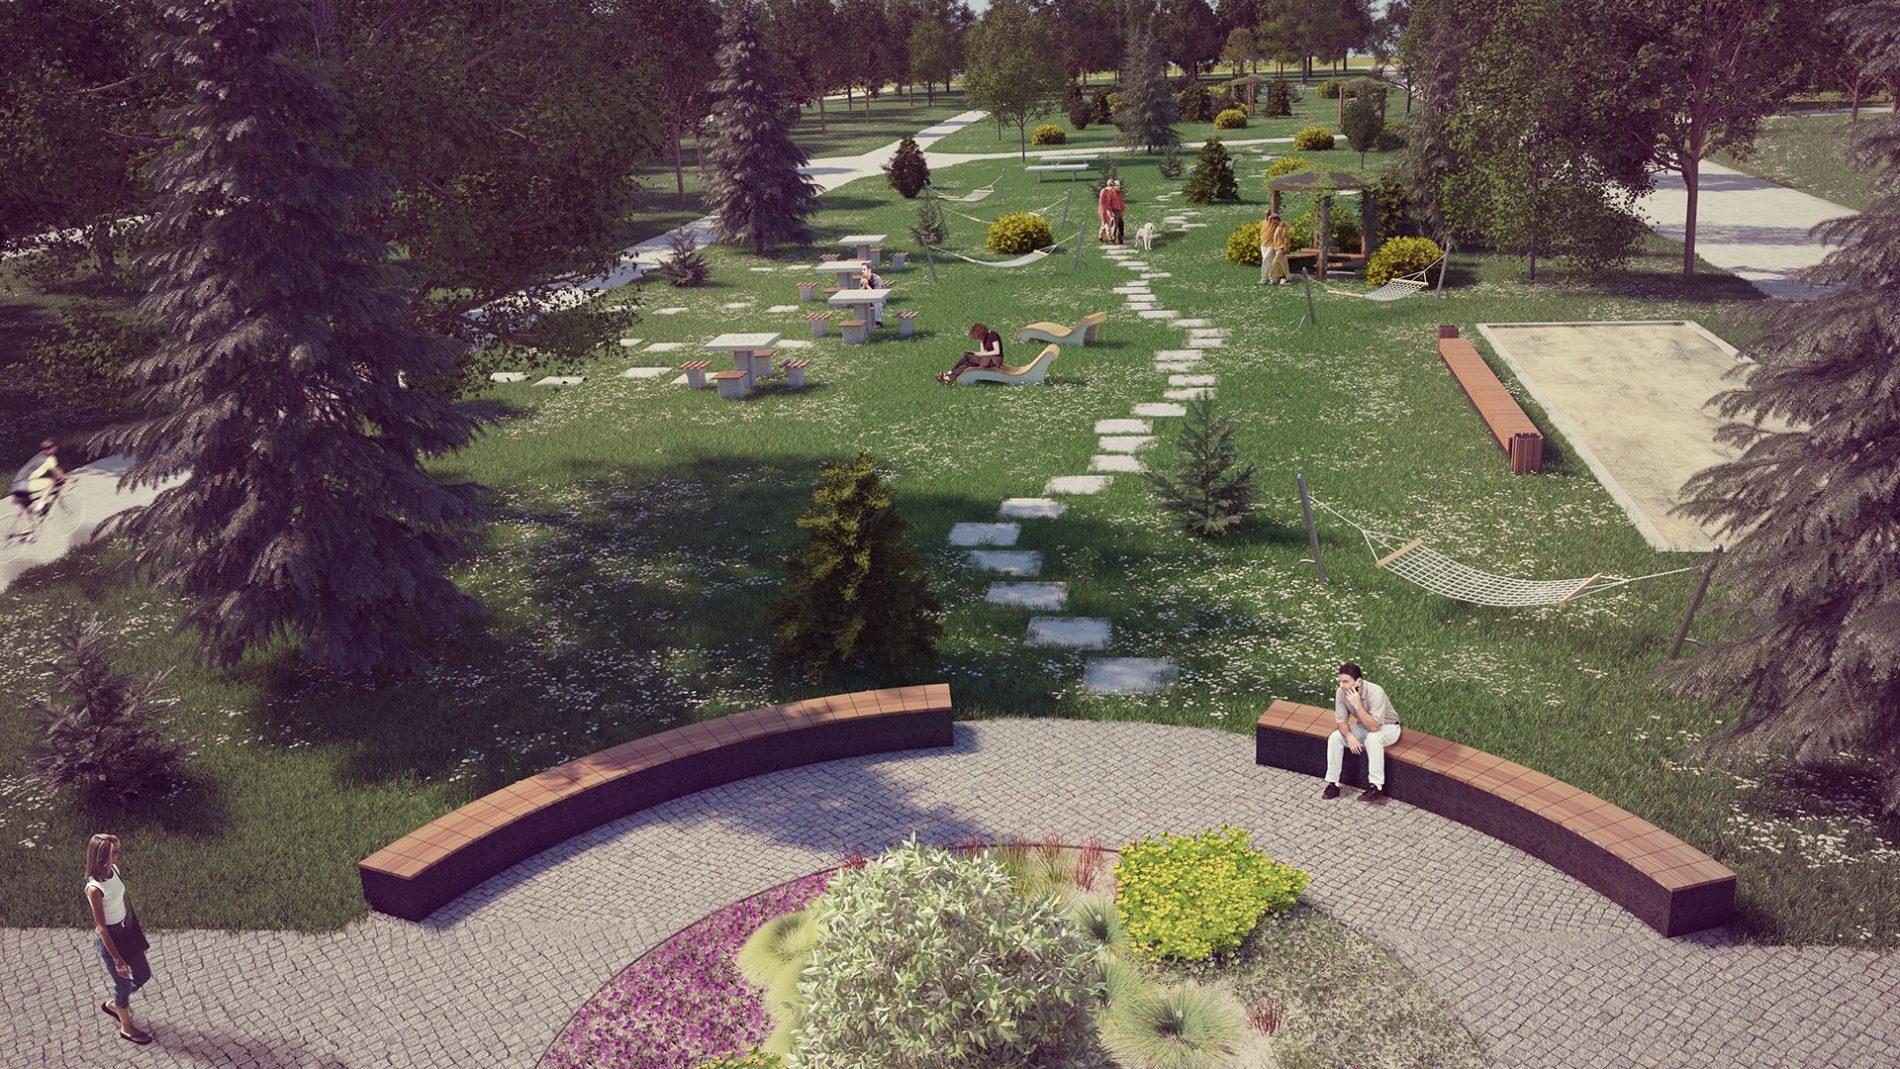 strefa seniora park kuronia sosnowiec wizualizacja